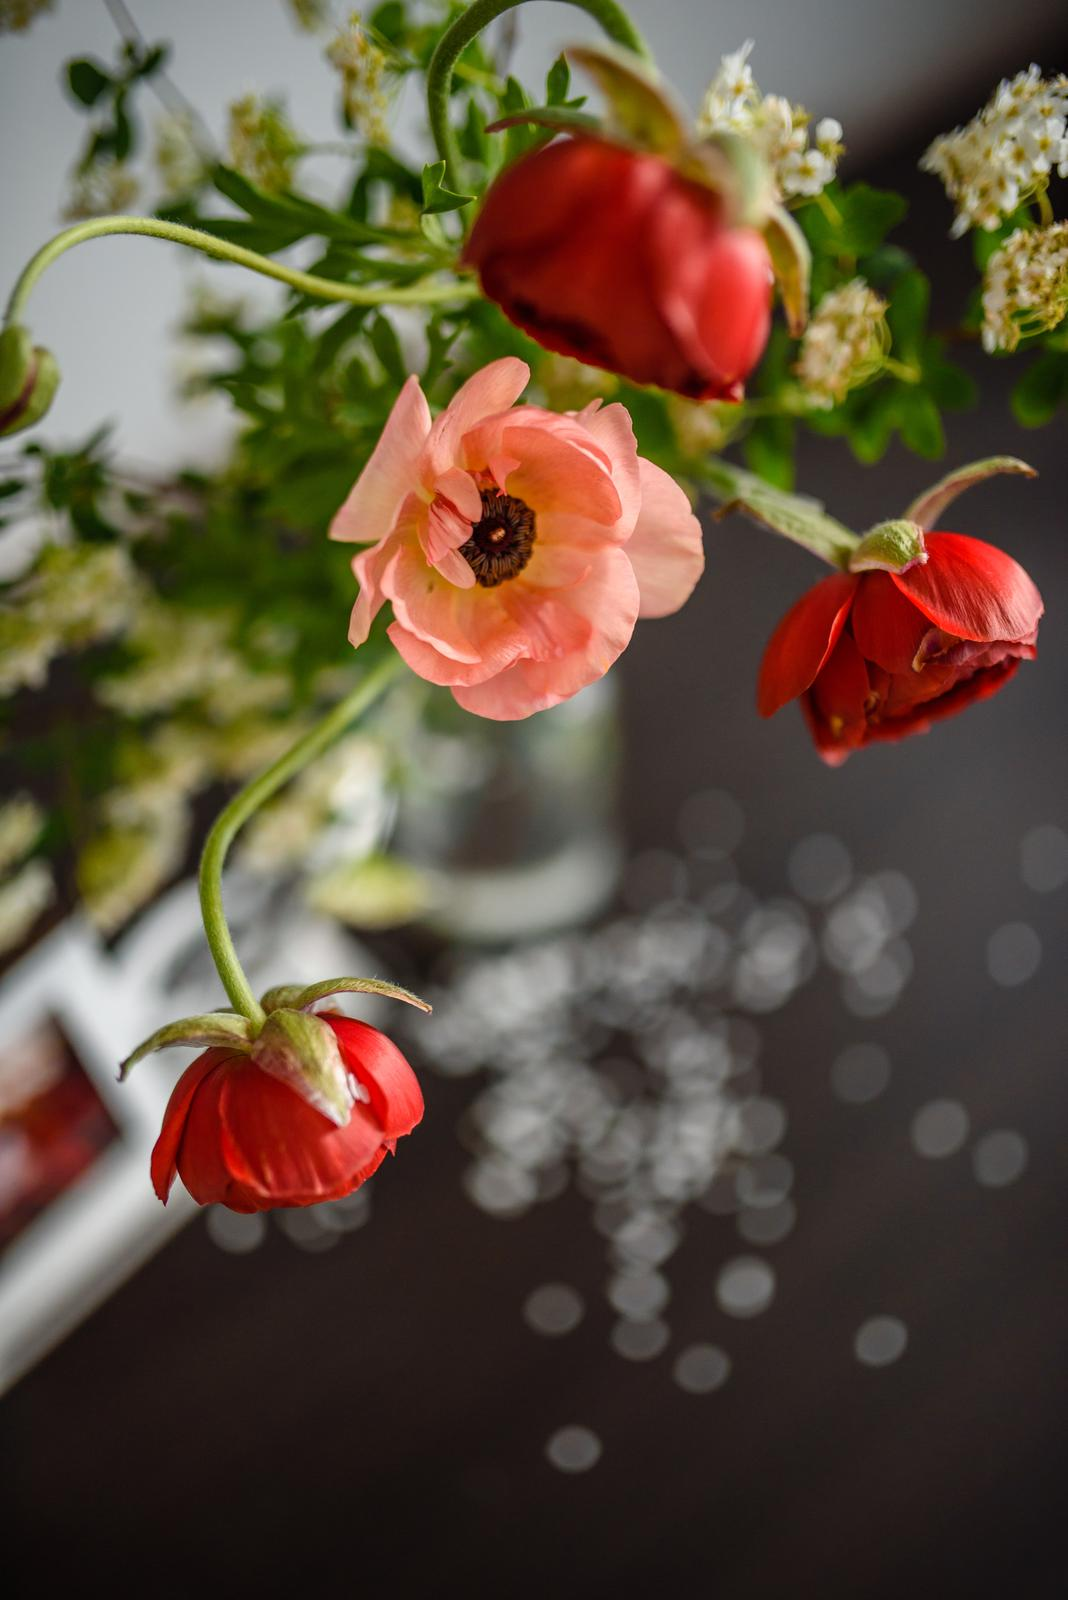 """Moje kvetinové aranžmány - """"Peach blush"""" ranunculus - vyzerá skôr ako divý mak, pretože nie je plnokvetý. Jeho slabosť sa však stala jeho dominantou :-)"""